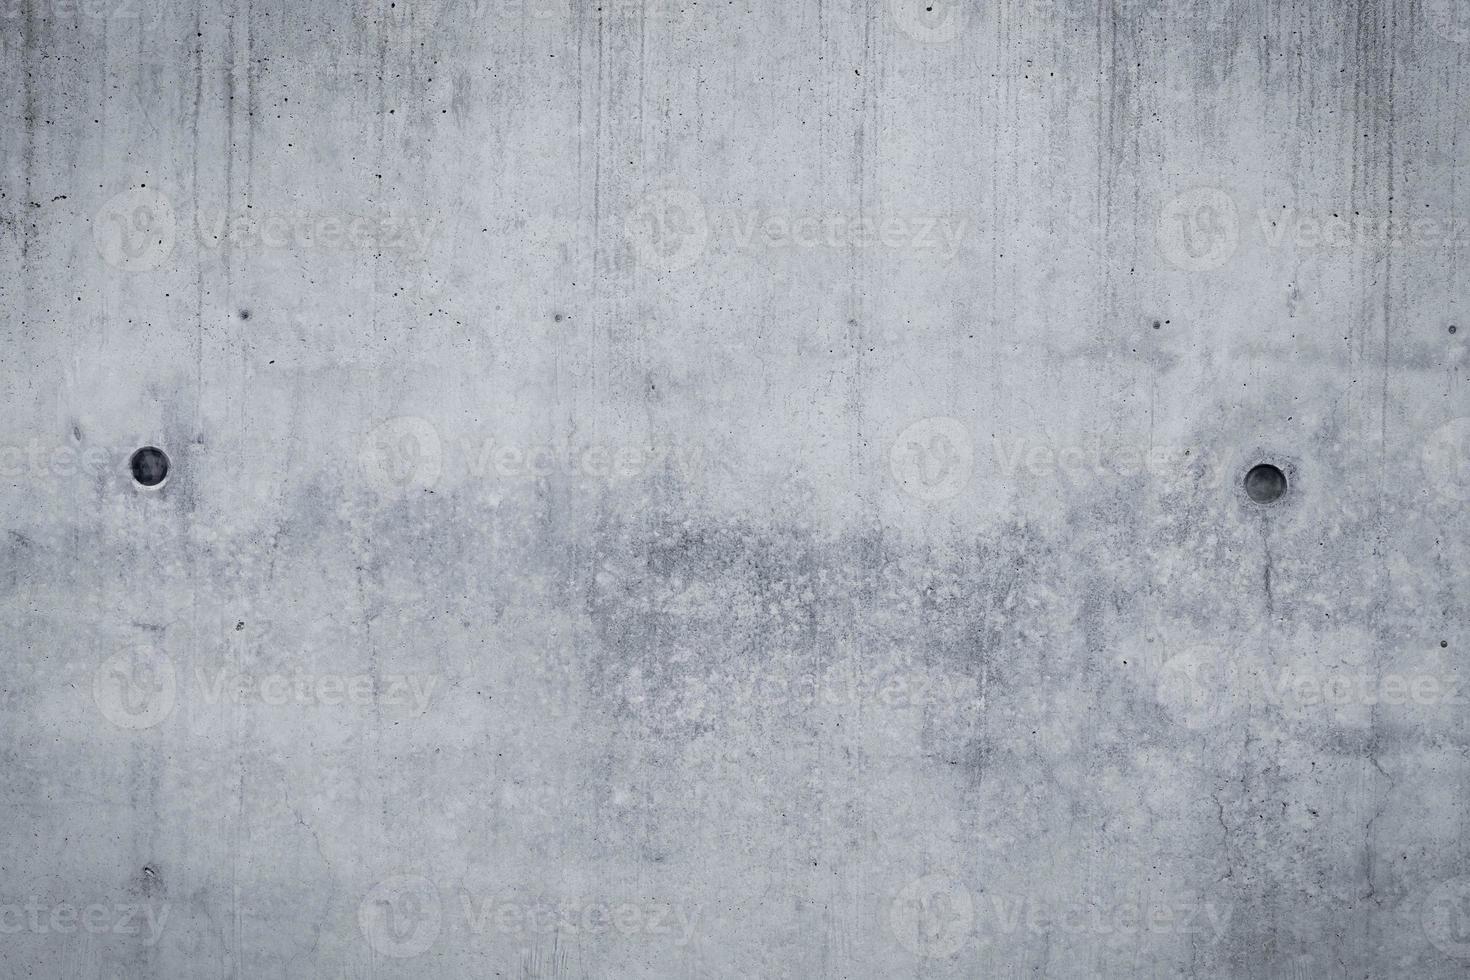 textura de muro de hormigón sucio foto